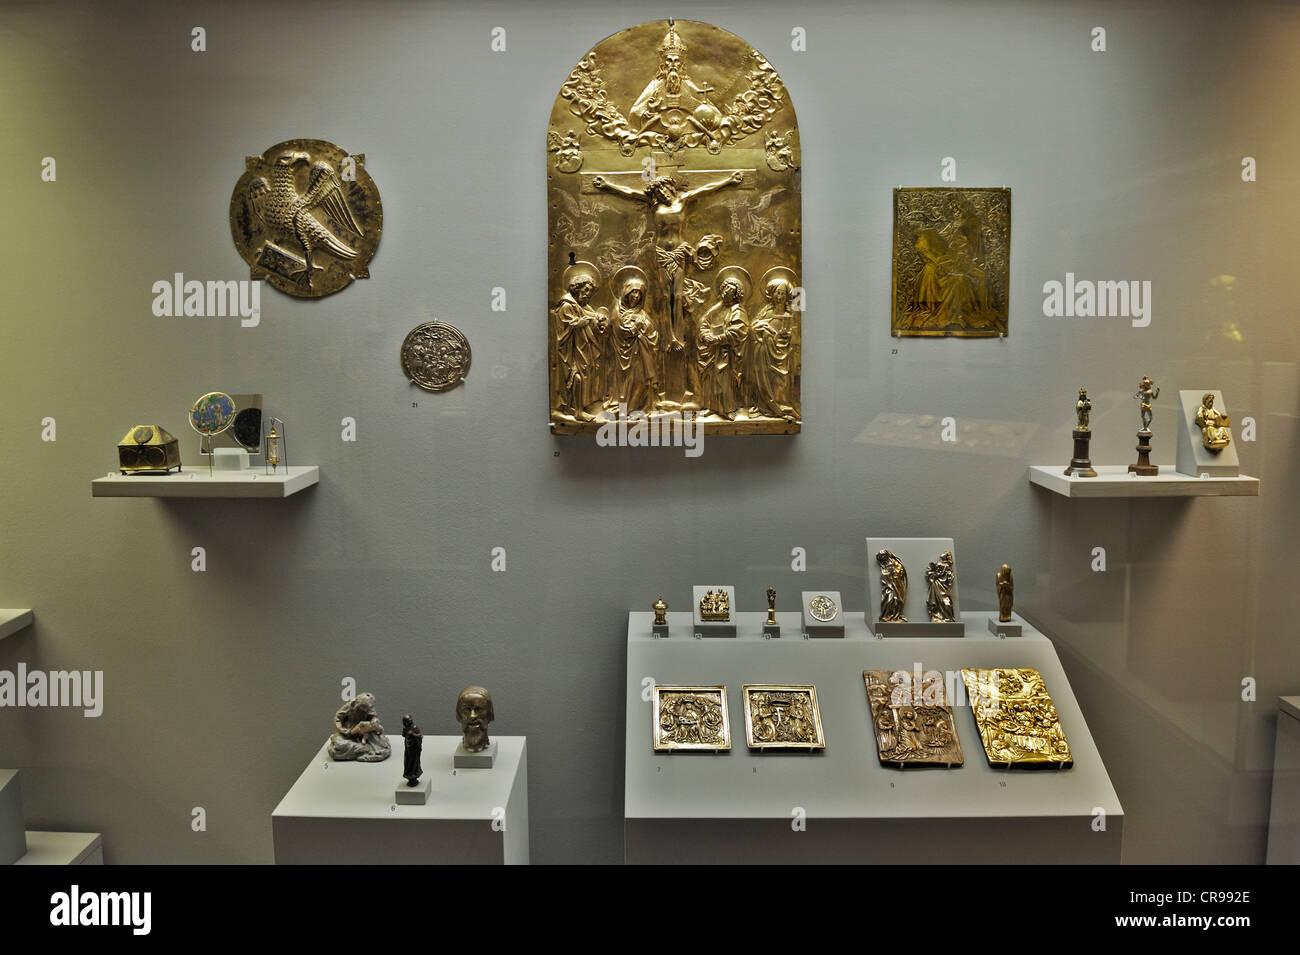 Trésors d'art religieux médiéval, bijoux et mesurer ustensiles, musée national bavarois, Photo Stock